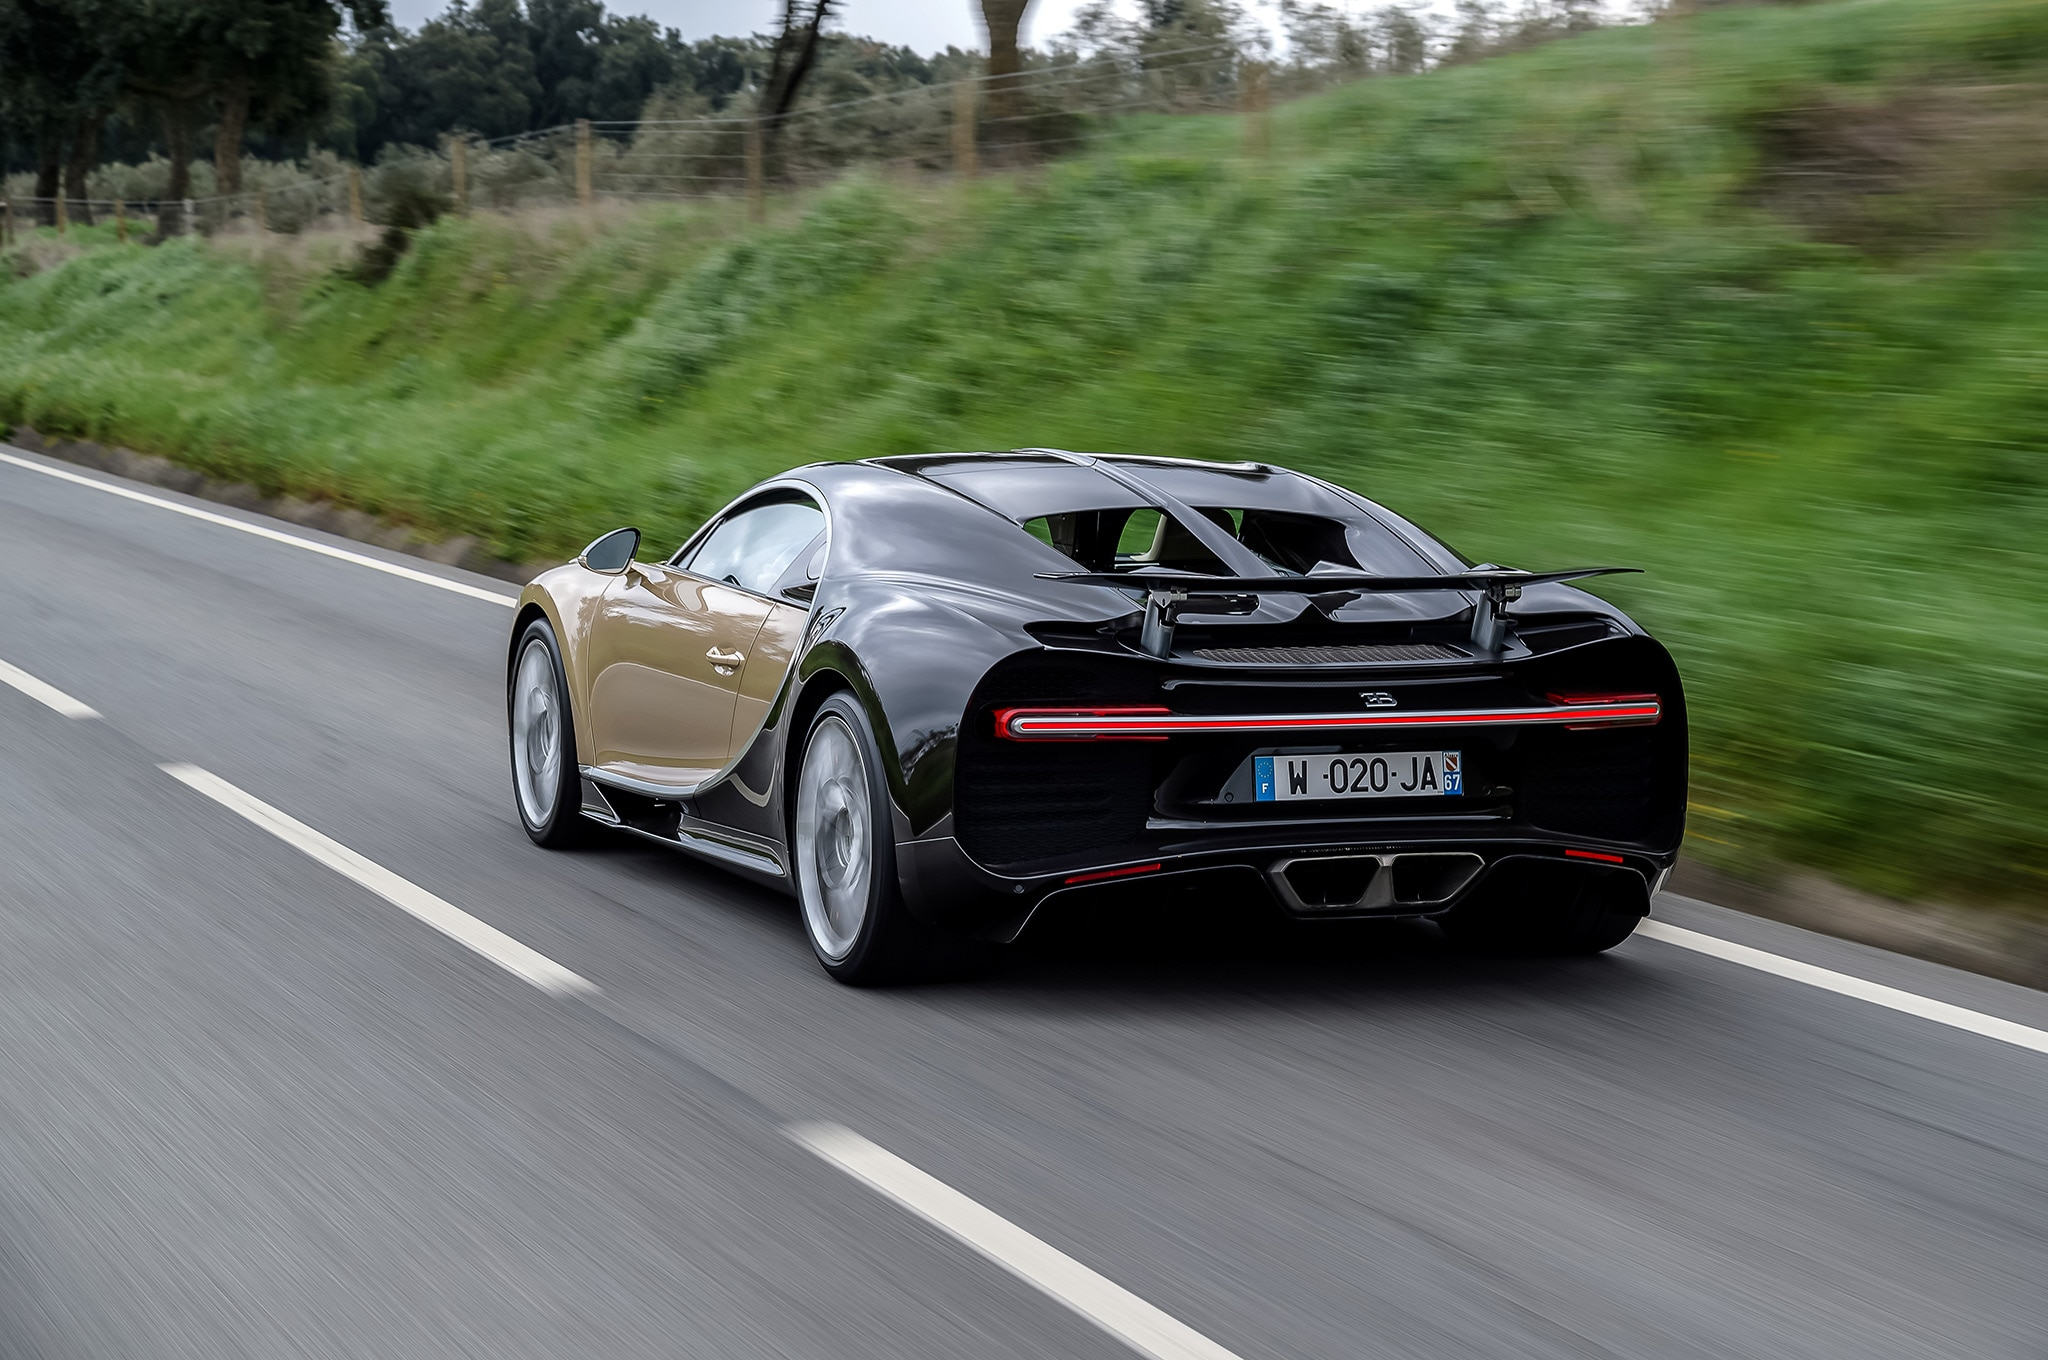 2018 Bugatti Chiron First Drive Review | Automobile Magazine